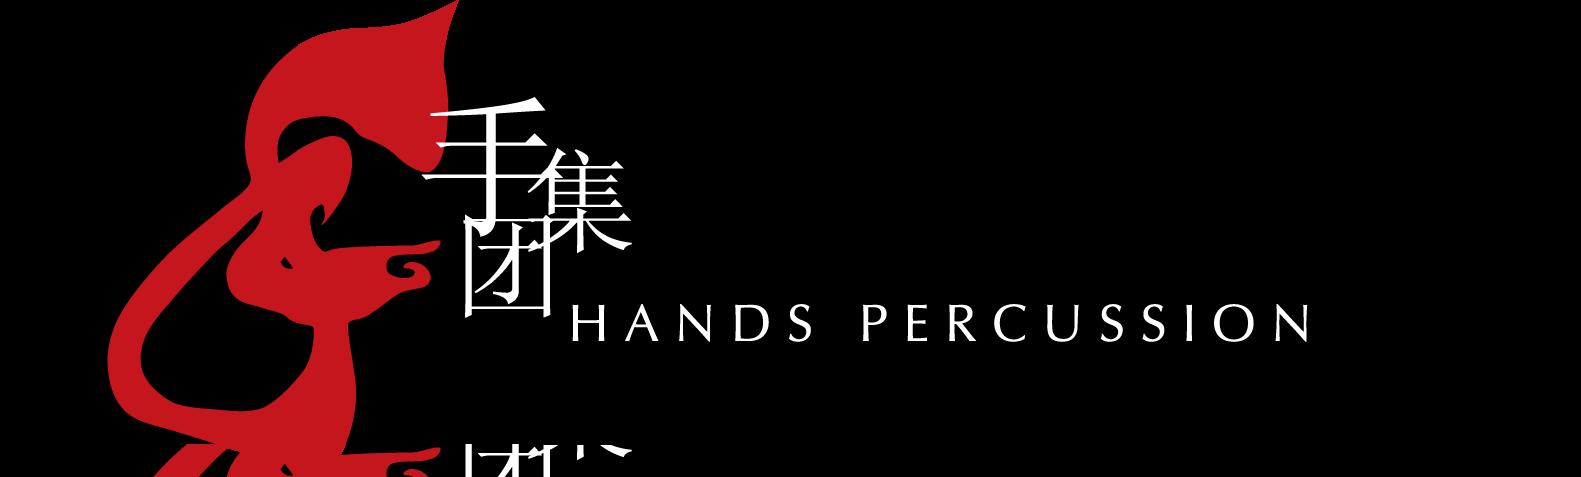 HandsPercussionLogo